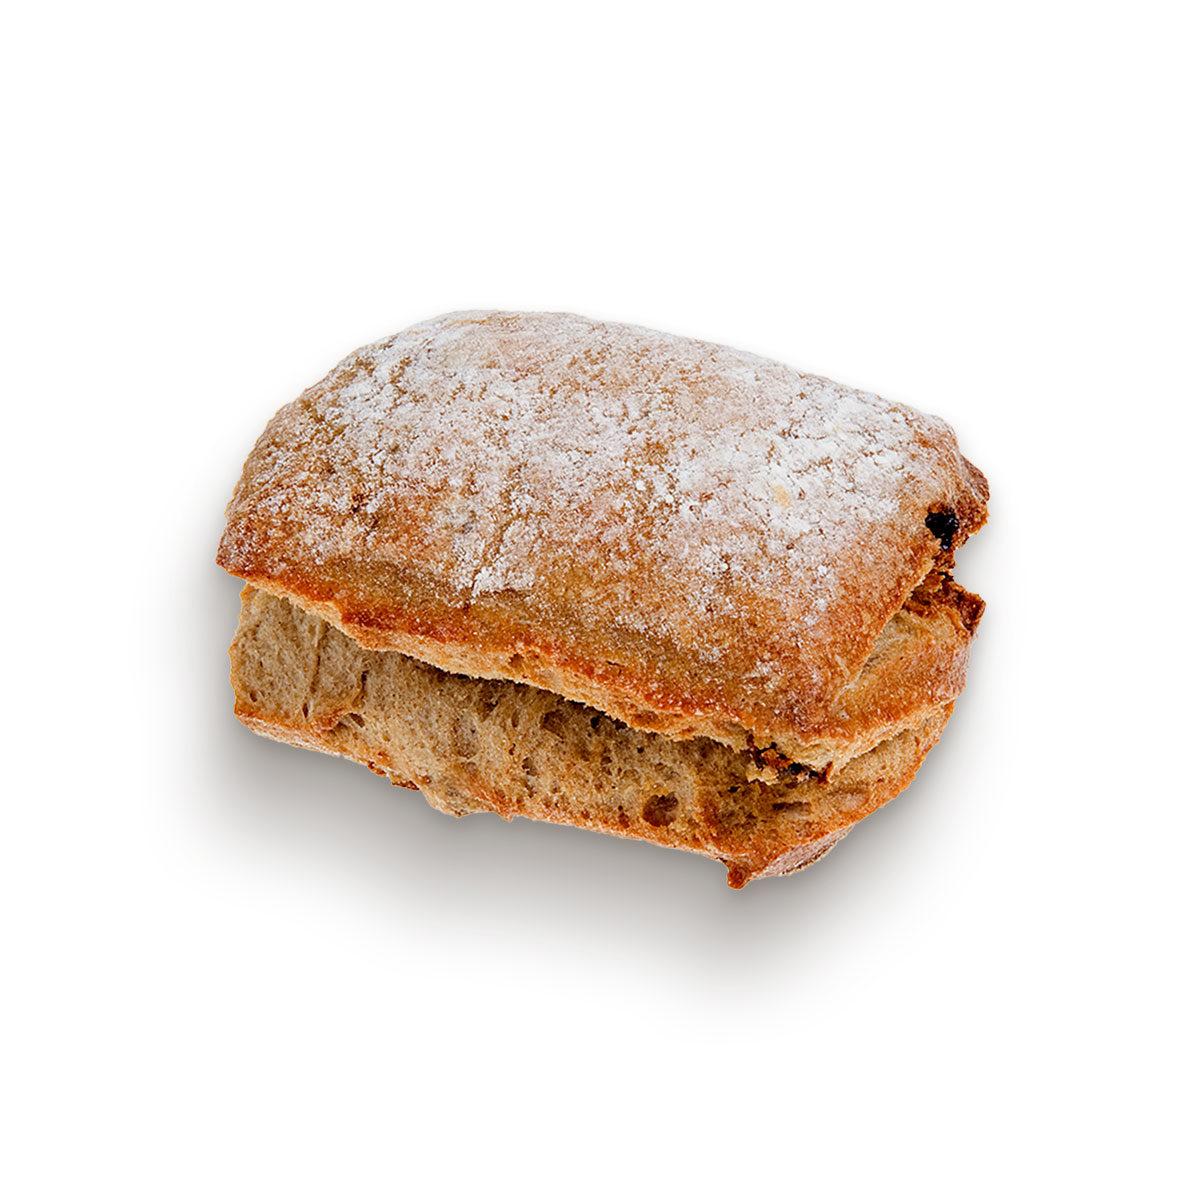 Walnut square roll